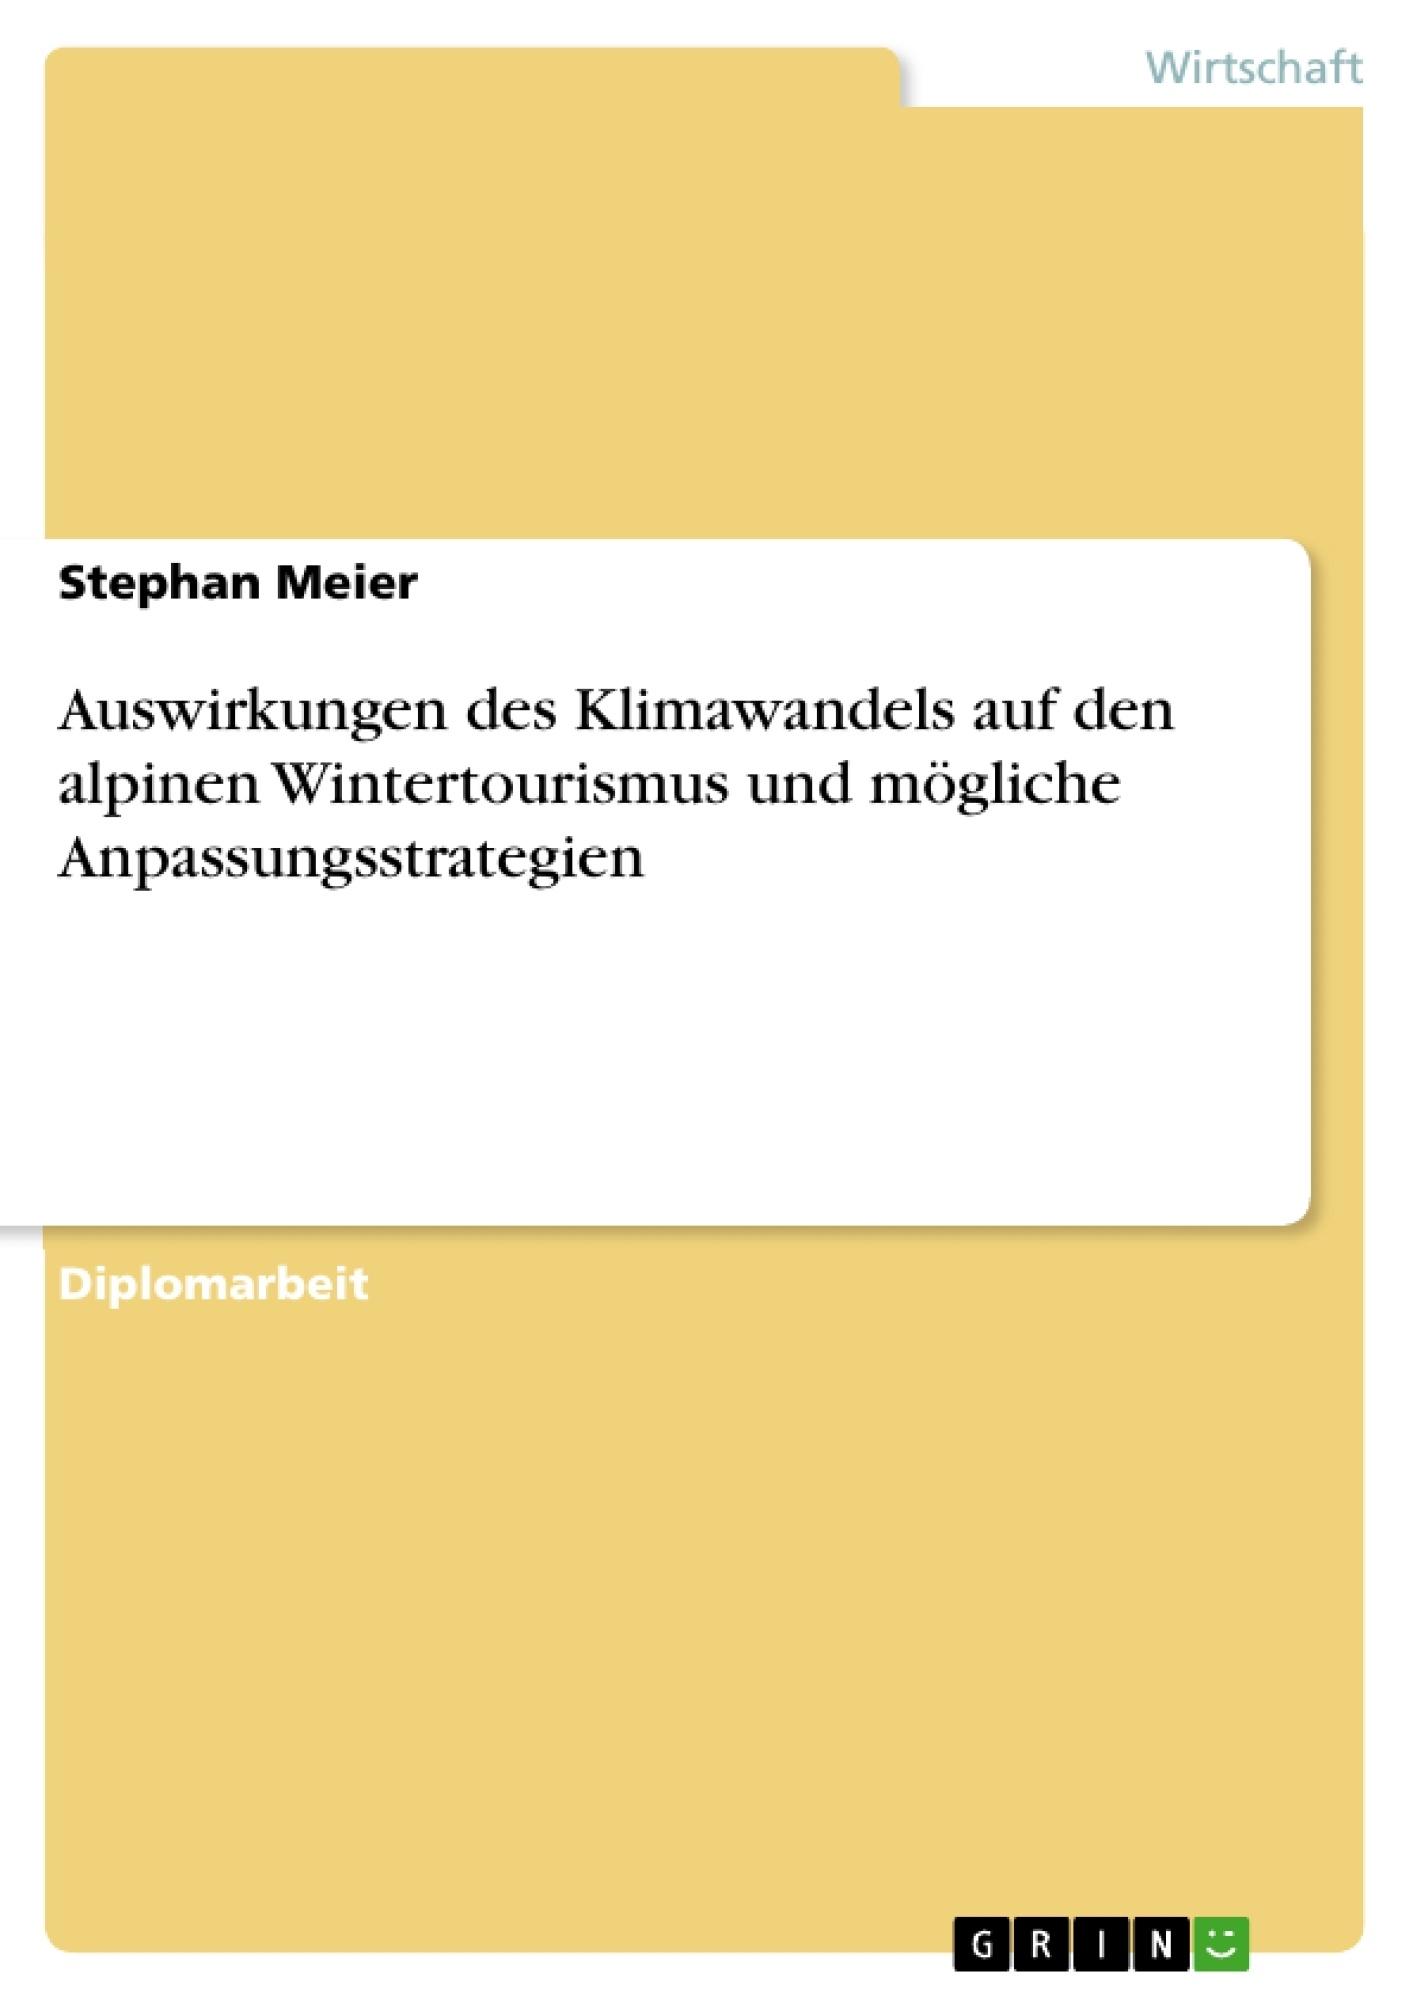 Titel: Auswirkungen des Klimawandels auf den alpinen Wintertourismus und mögliche Anpassungsstrategien